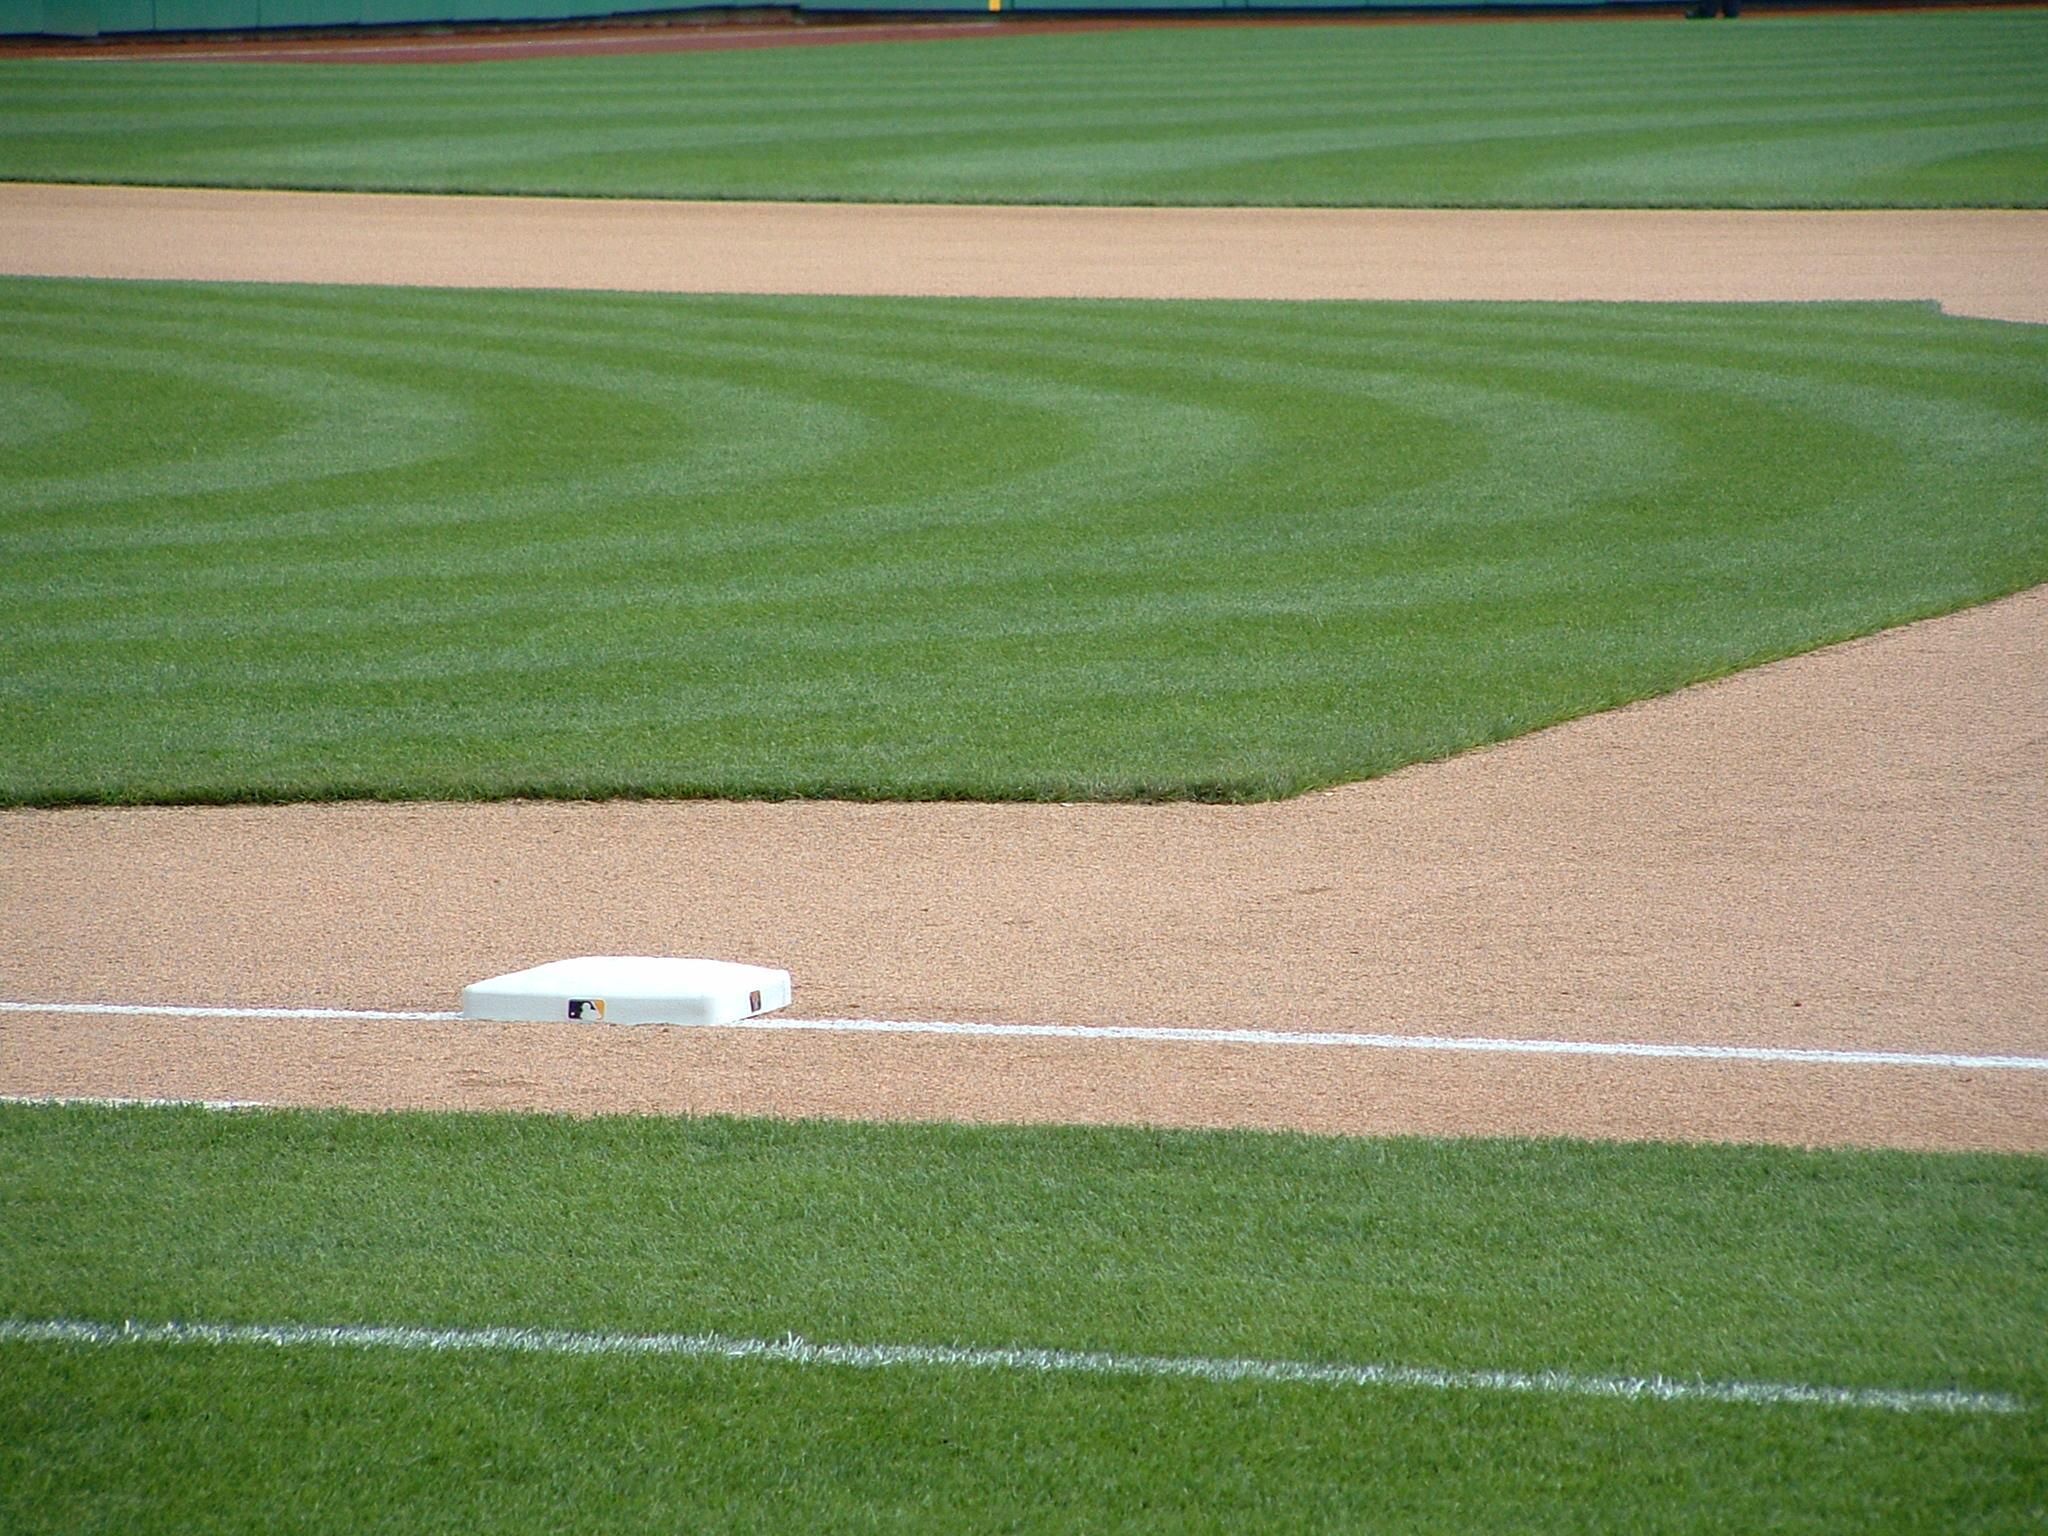 synthetic turf baseball